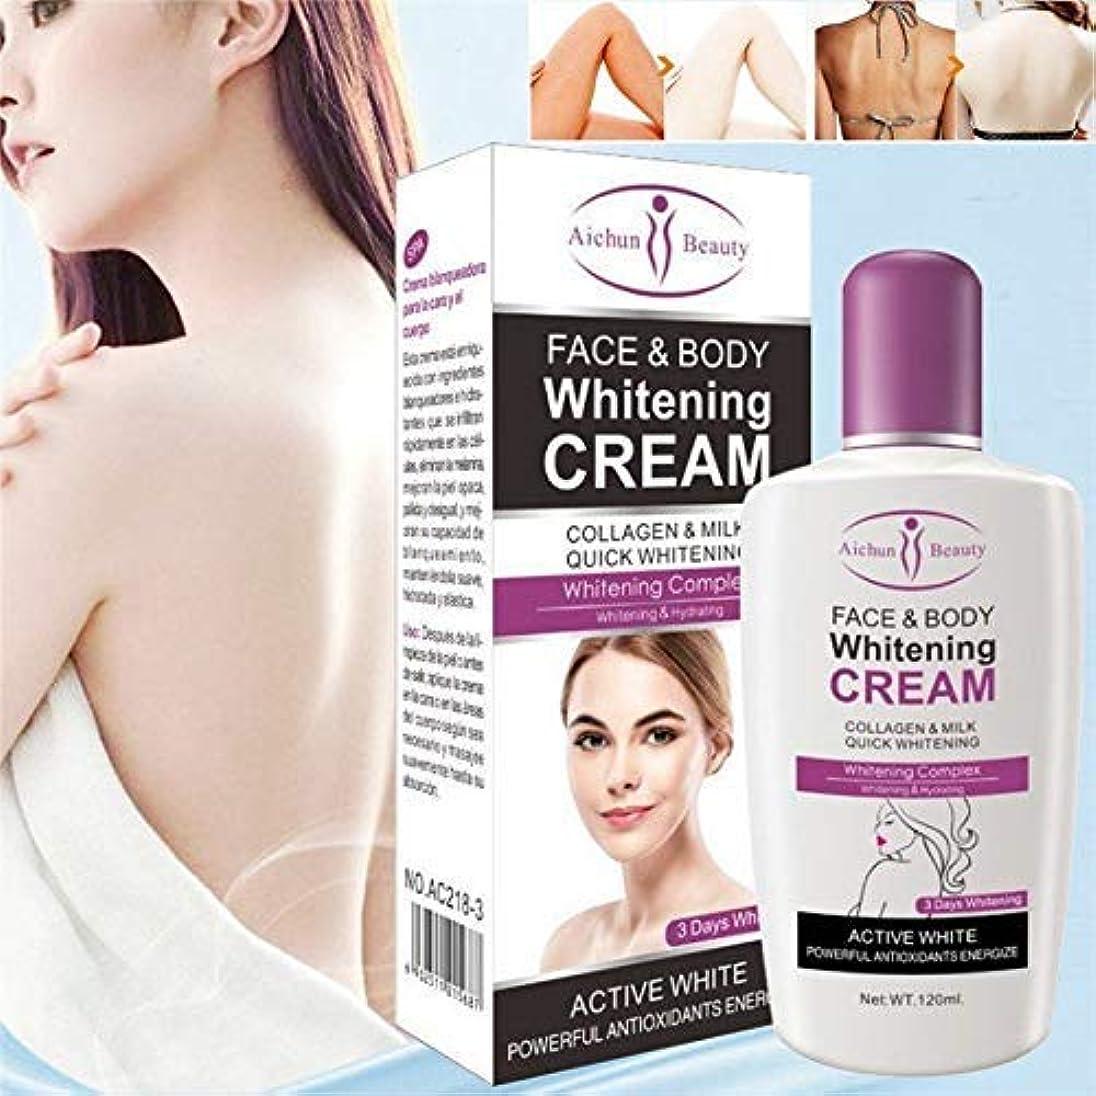 最大の引き金クラス(最高の価格と品質)3個Aichunブリーチングブライトニングボディローションホワイトニングクリームボディクリームダークスキン用プライベートパーツフォーミュラ脇ホワイトナー120ml (Best price and Quality) 3 Pieces Aichun Bleaching Brightening Body Lotion Whitening Cream Body Cream for Dark Skin Private Parts Formula Armpit Whitener 120Ml (3 Pieces)